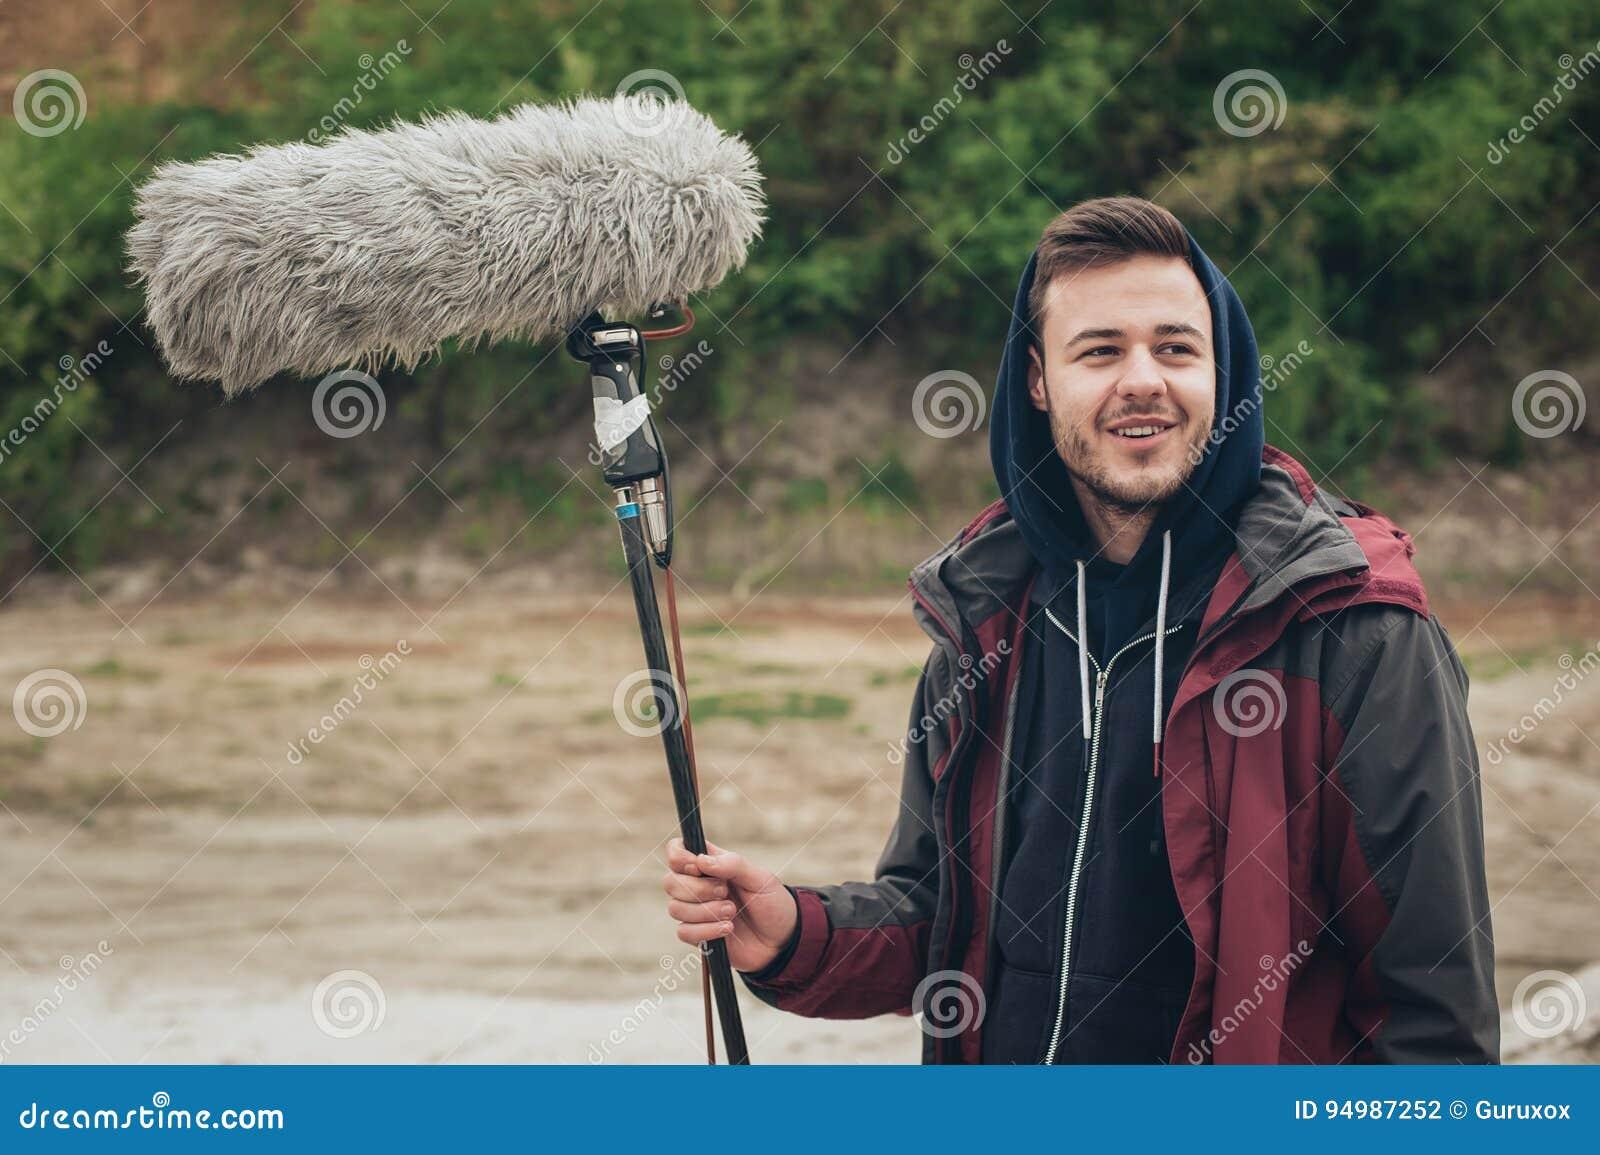 Hinter der Szene Solider Boombetreibergriff-Mikrofonfischer heraus